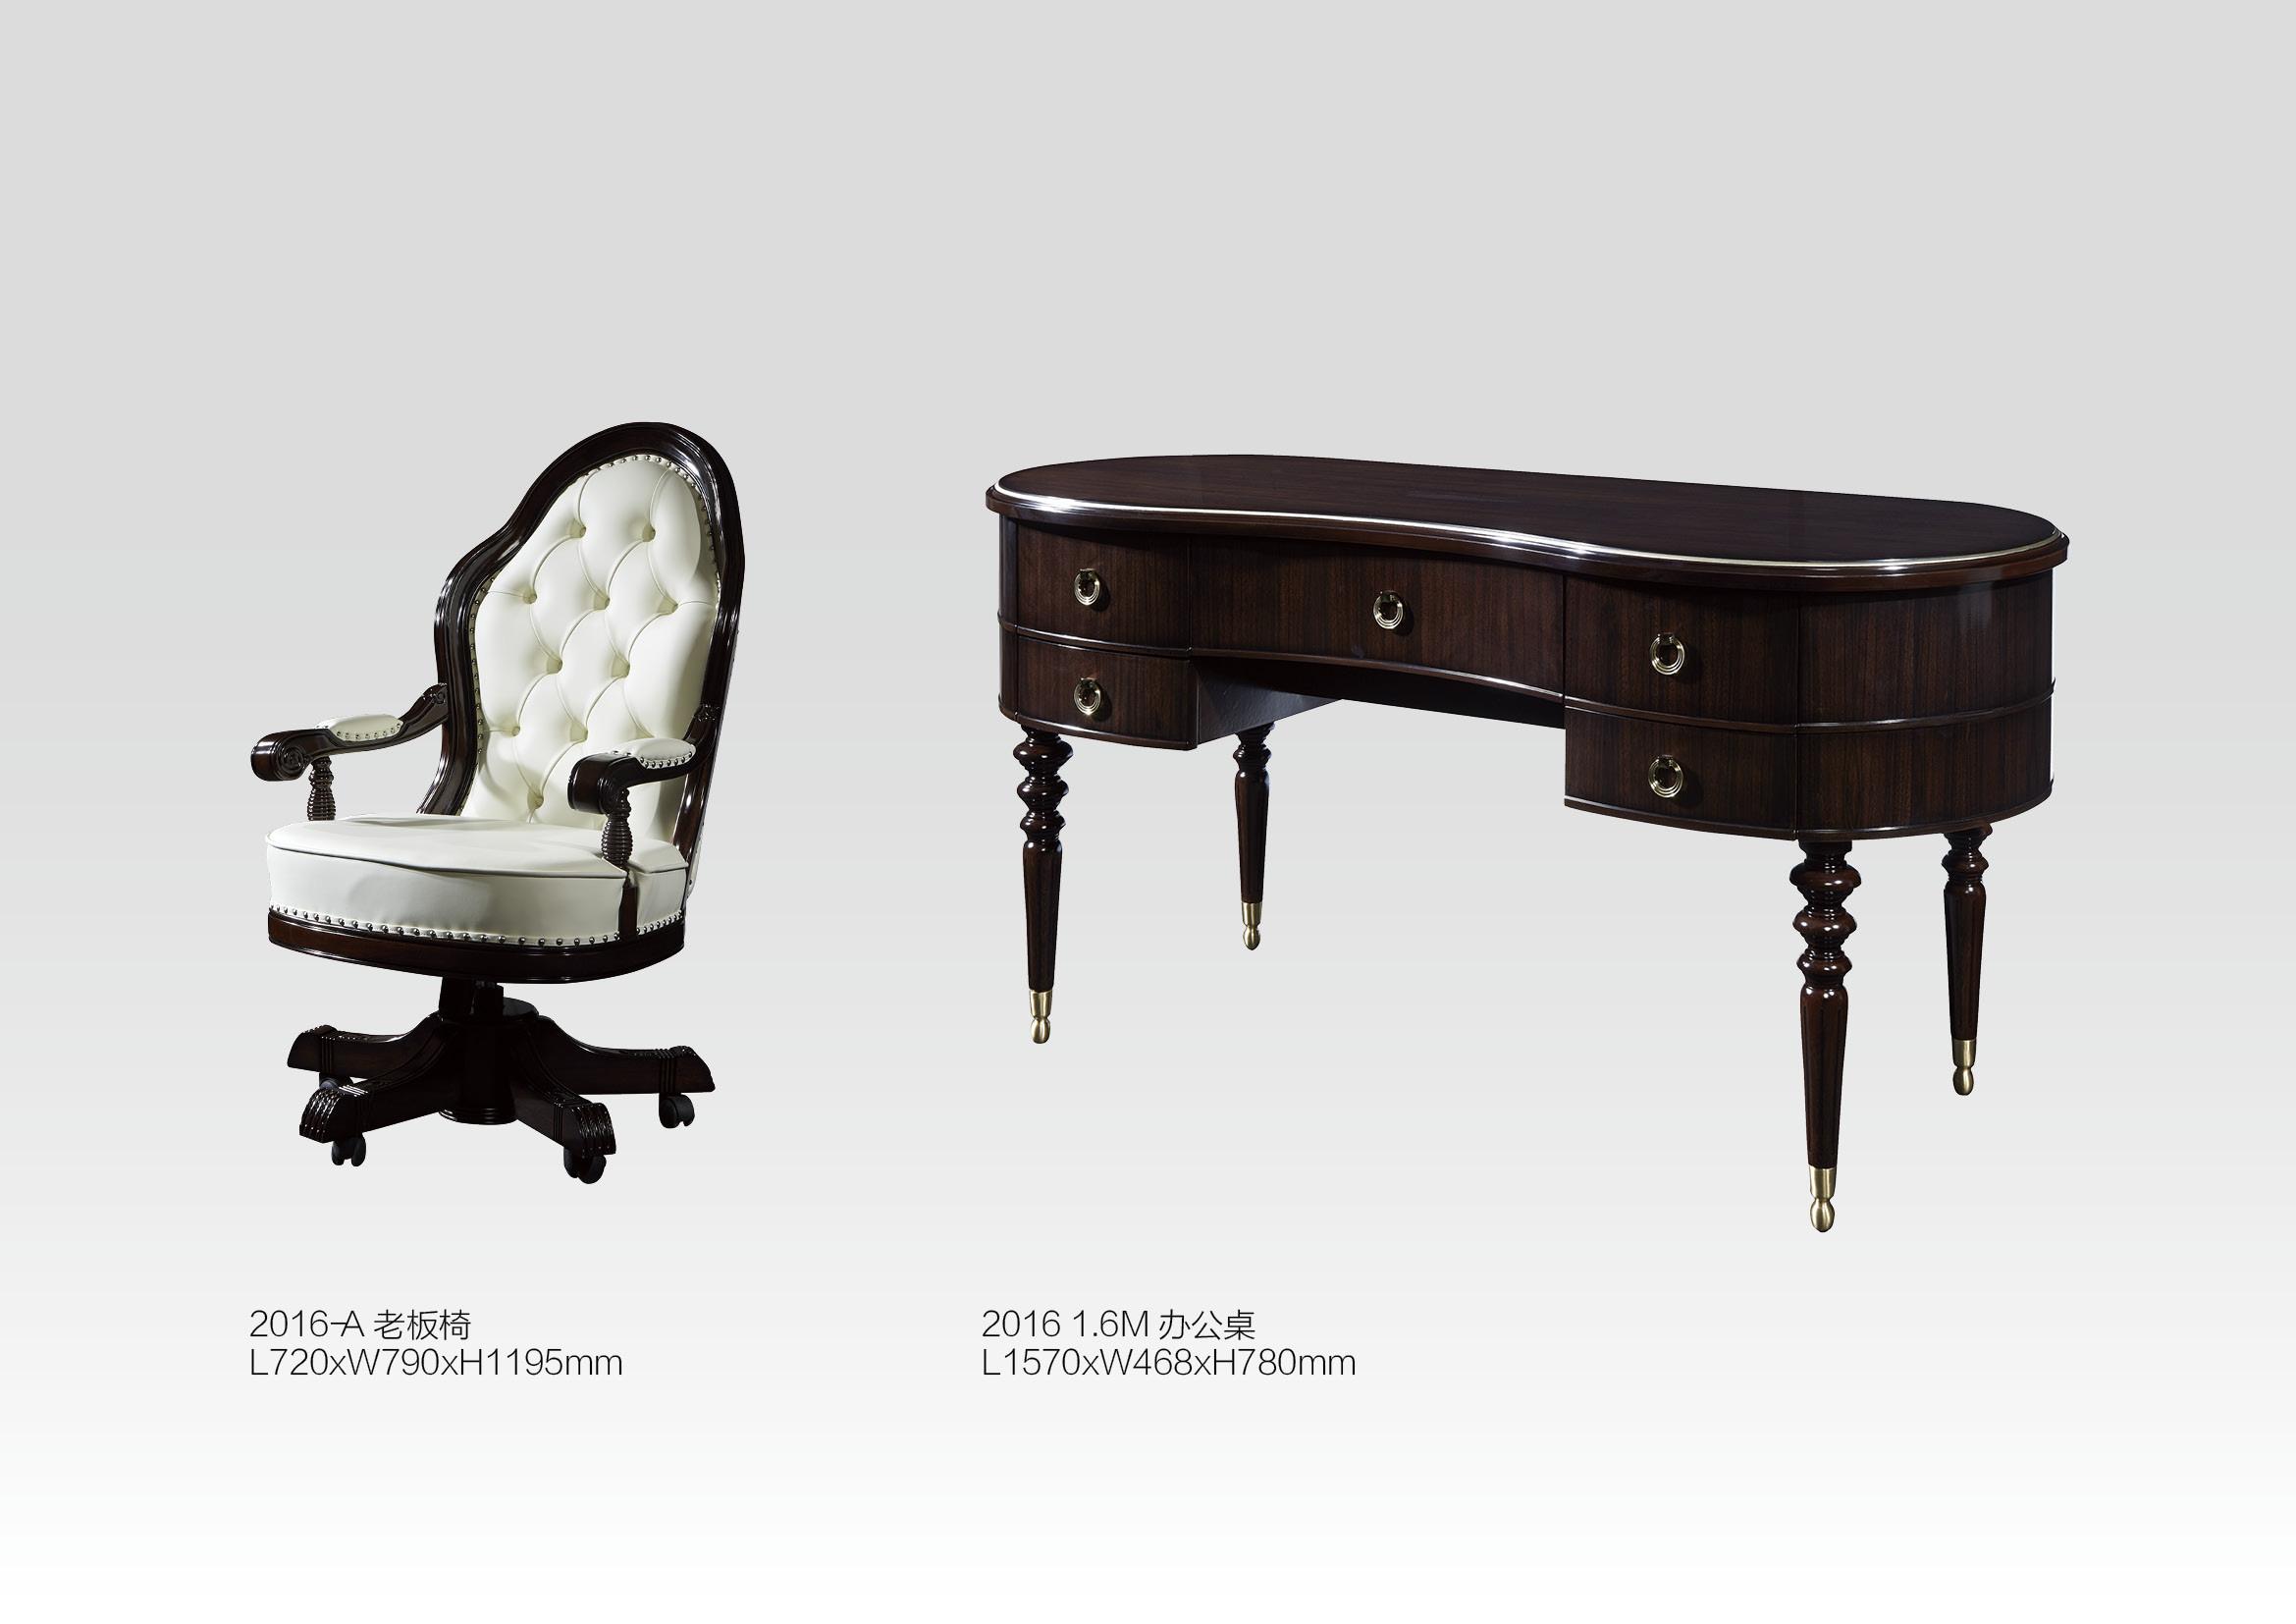 欧式老板椅转椅真皮扶手书椅实木办公桌写字台